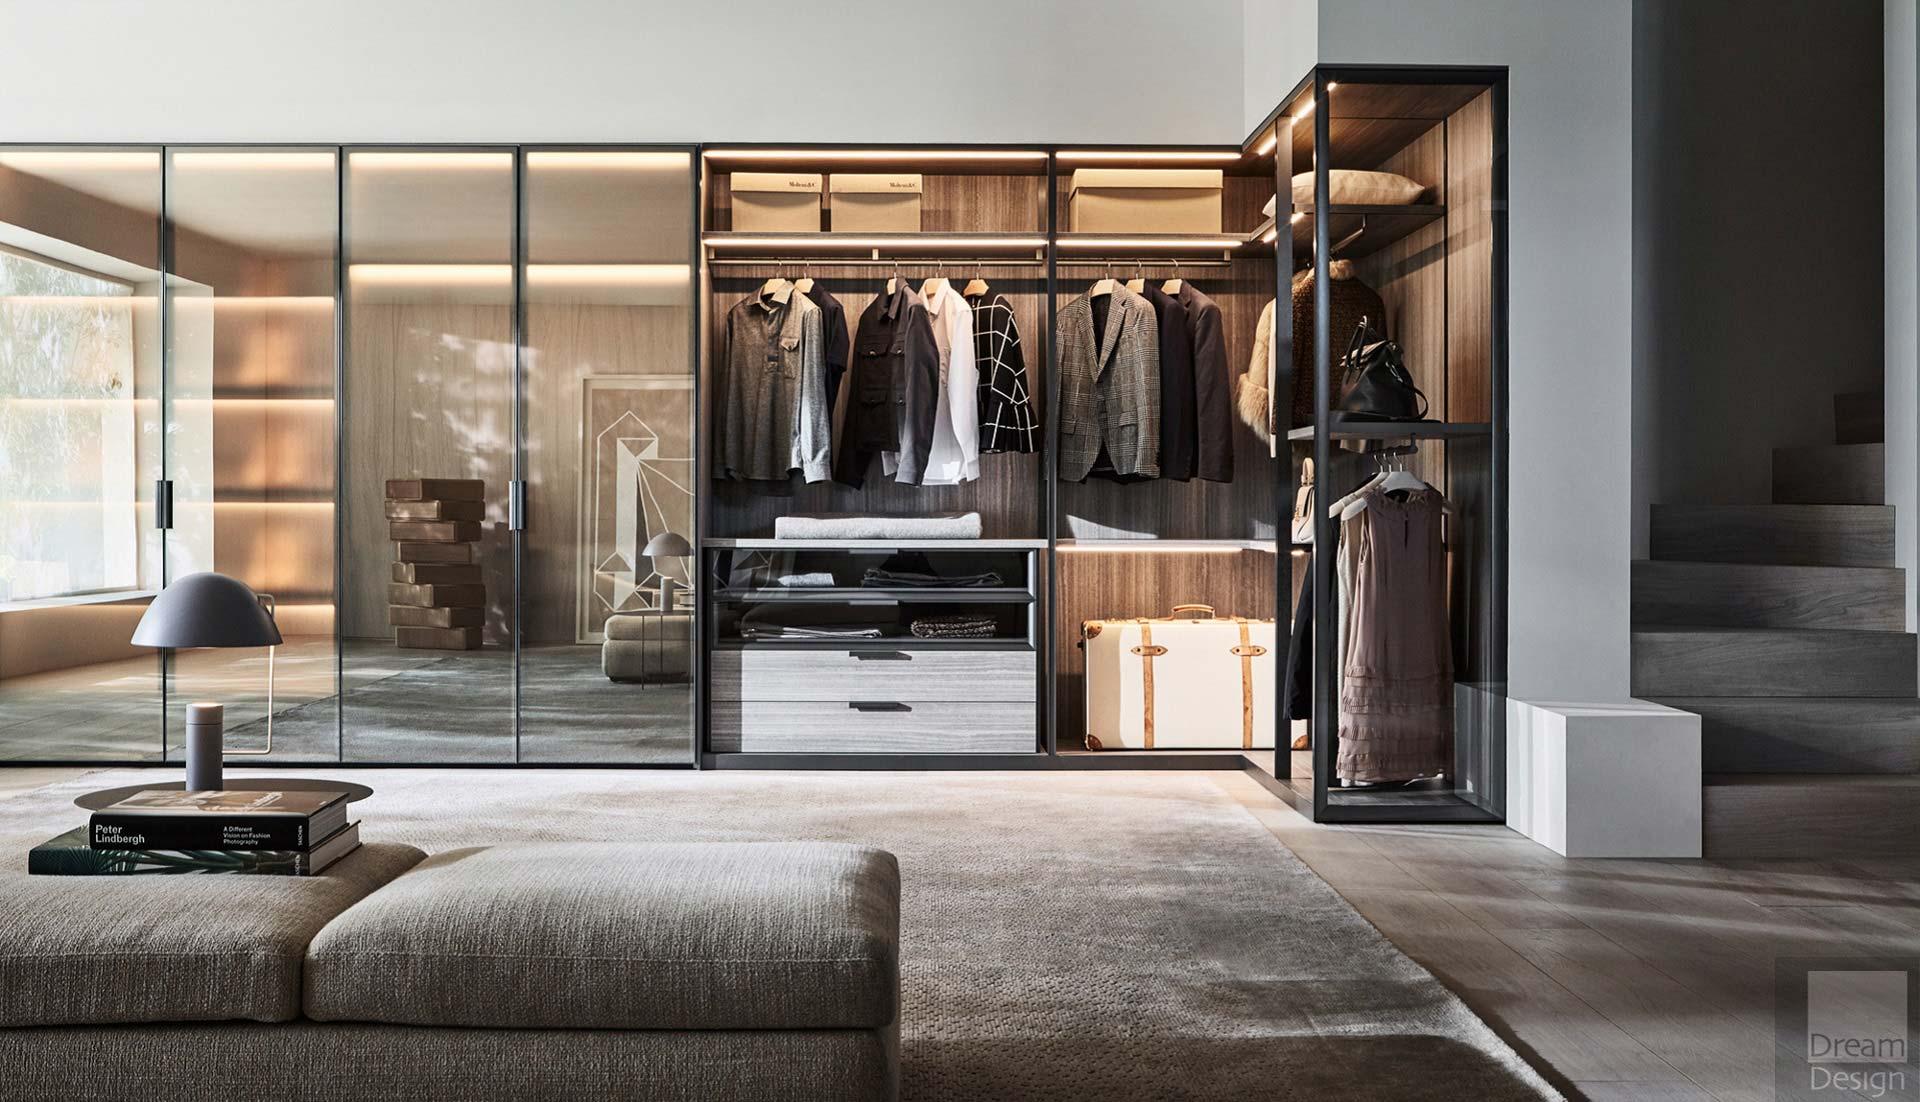 Molteni c gliss master window dream design interiors ltd - Camere da letto molteni ...